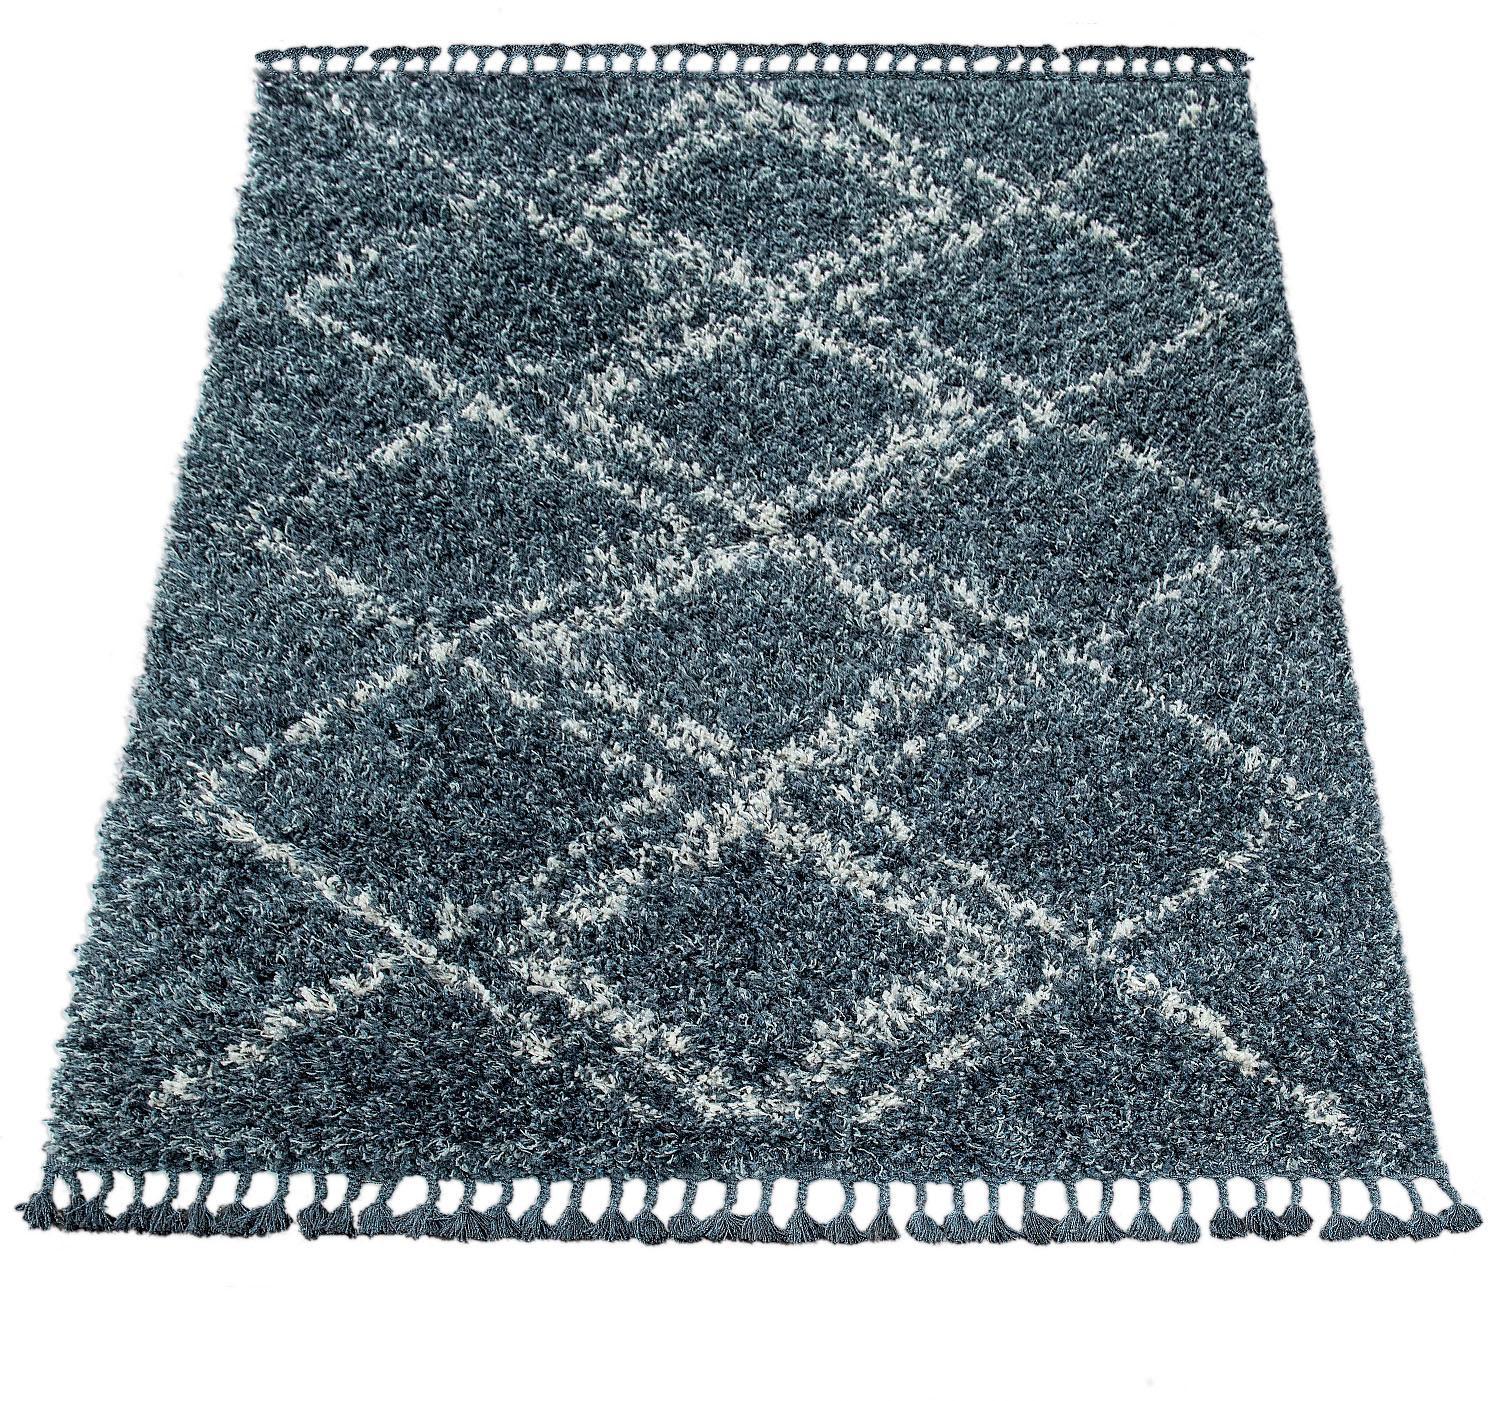 Teppich Nador 751 Paco Home rechteckig Höhe 55 mm maschinell gewebt